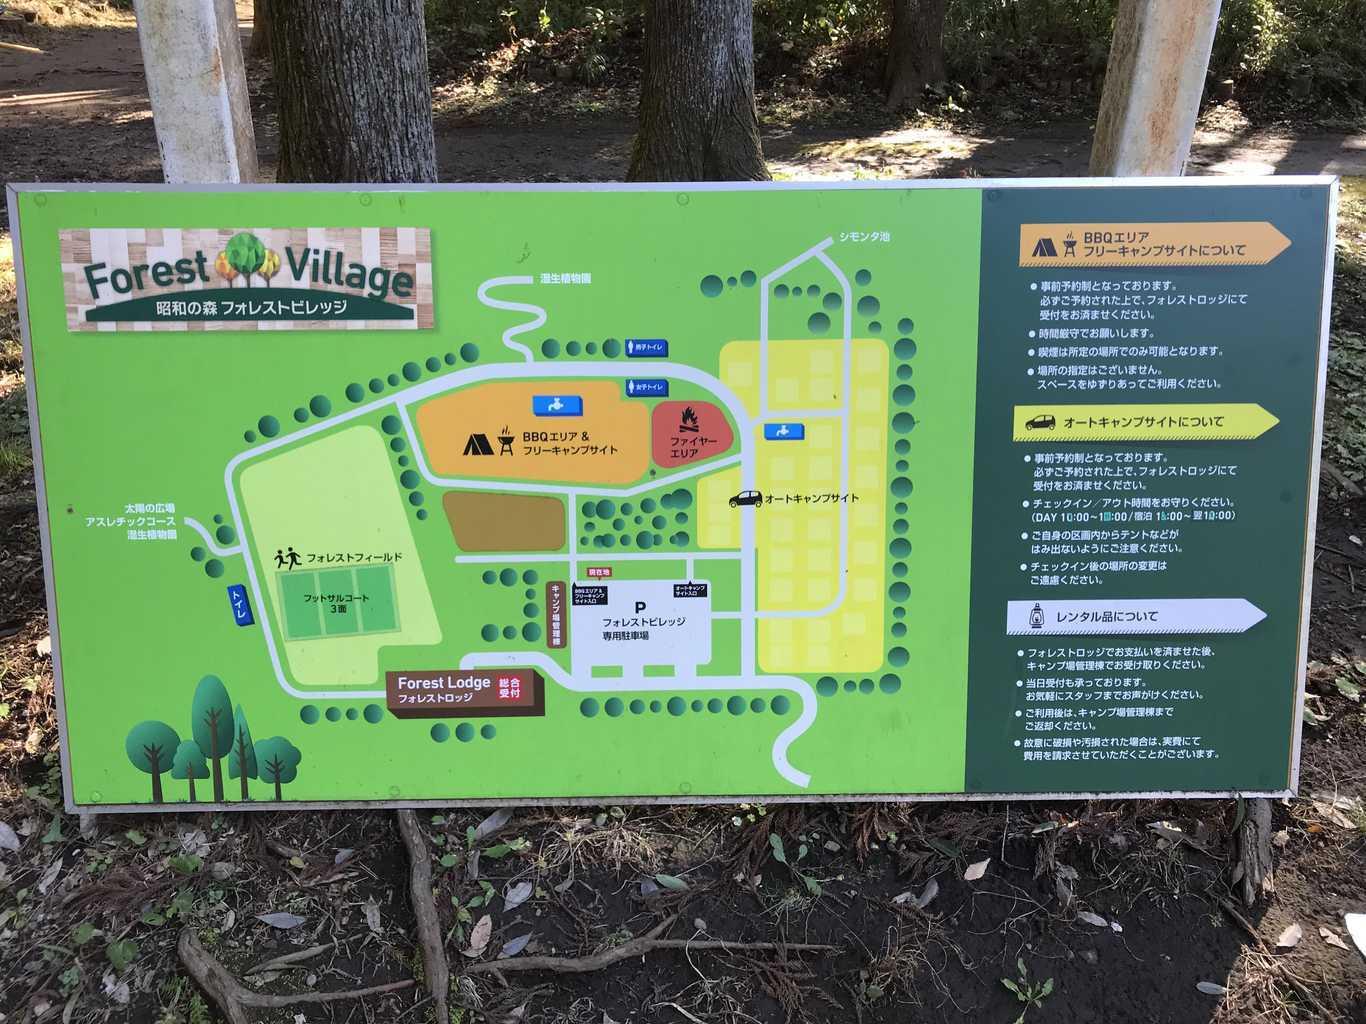 昭和の森フォレストビレッジ の写真p